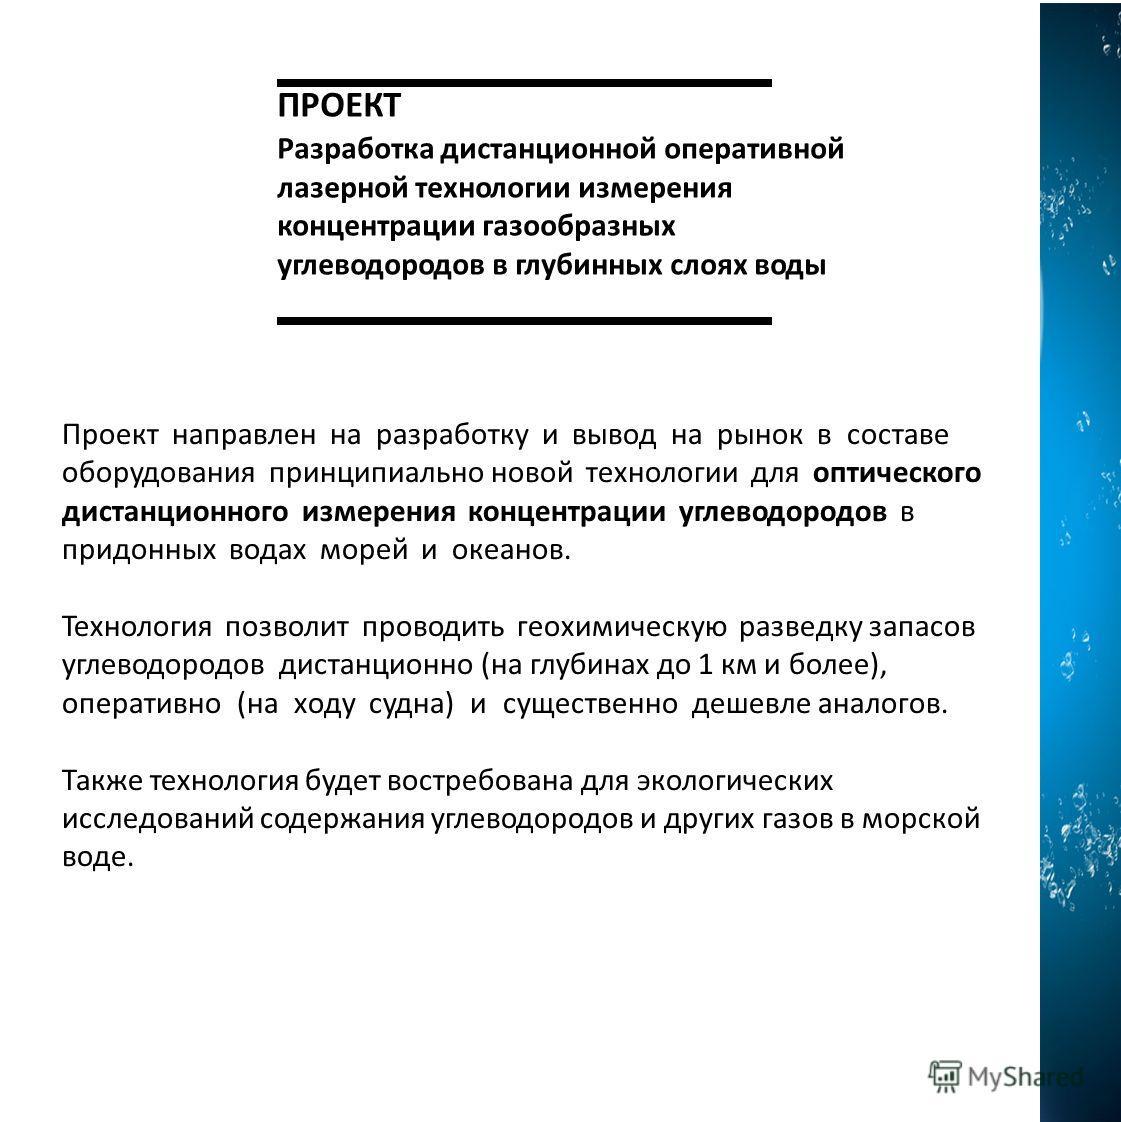 ПРОЕКТ Разработка дистанционной оперативной лазерной технологии измерения концентрации газообразных углеводородов в глубинных слоях воды Проект направлен на разработку и вывод на рынок в составе оборудования принципиально новой технологии для оптичес